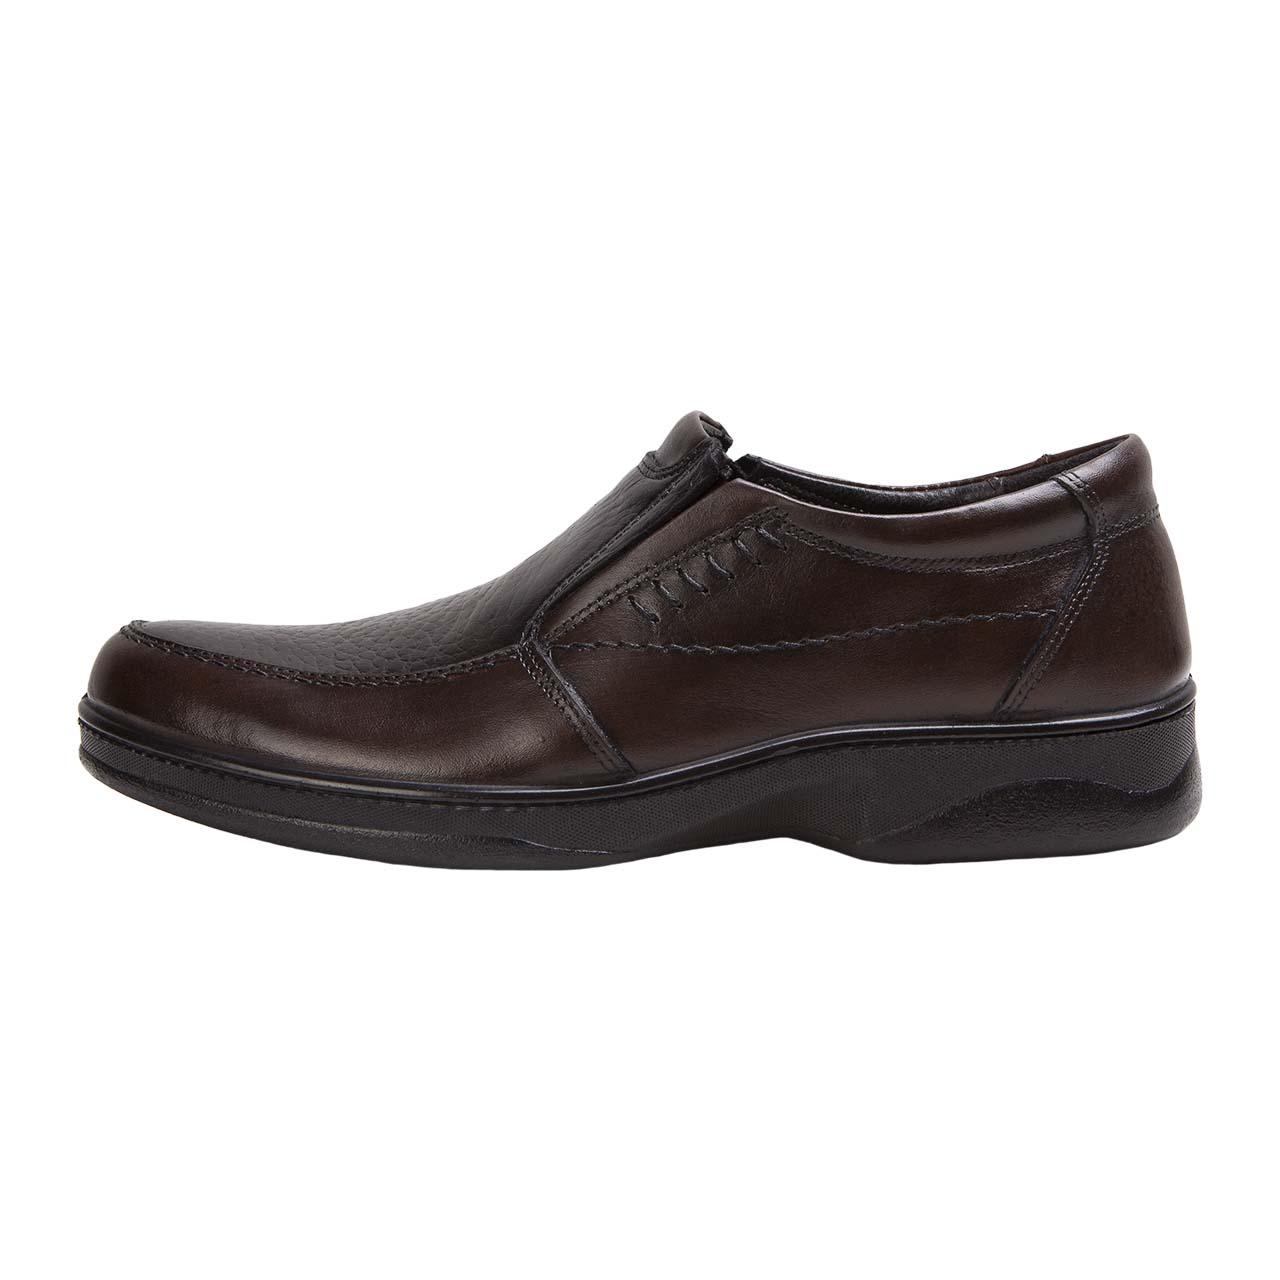 کفش مردانه شوپا کد 7-466